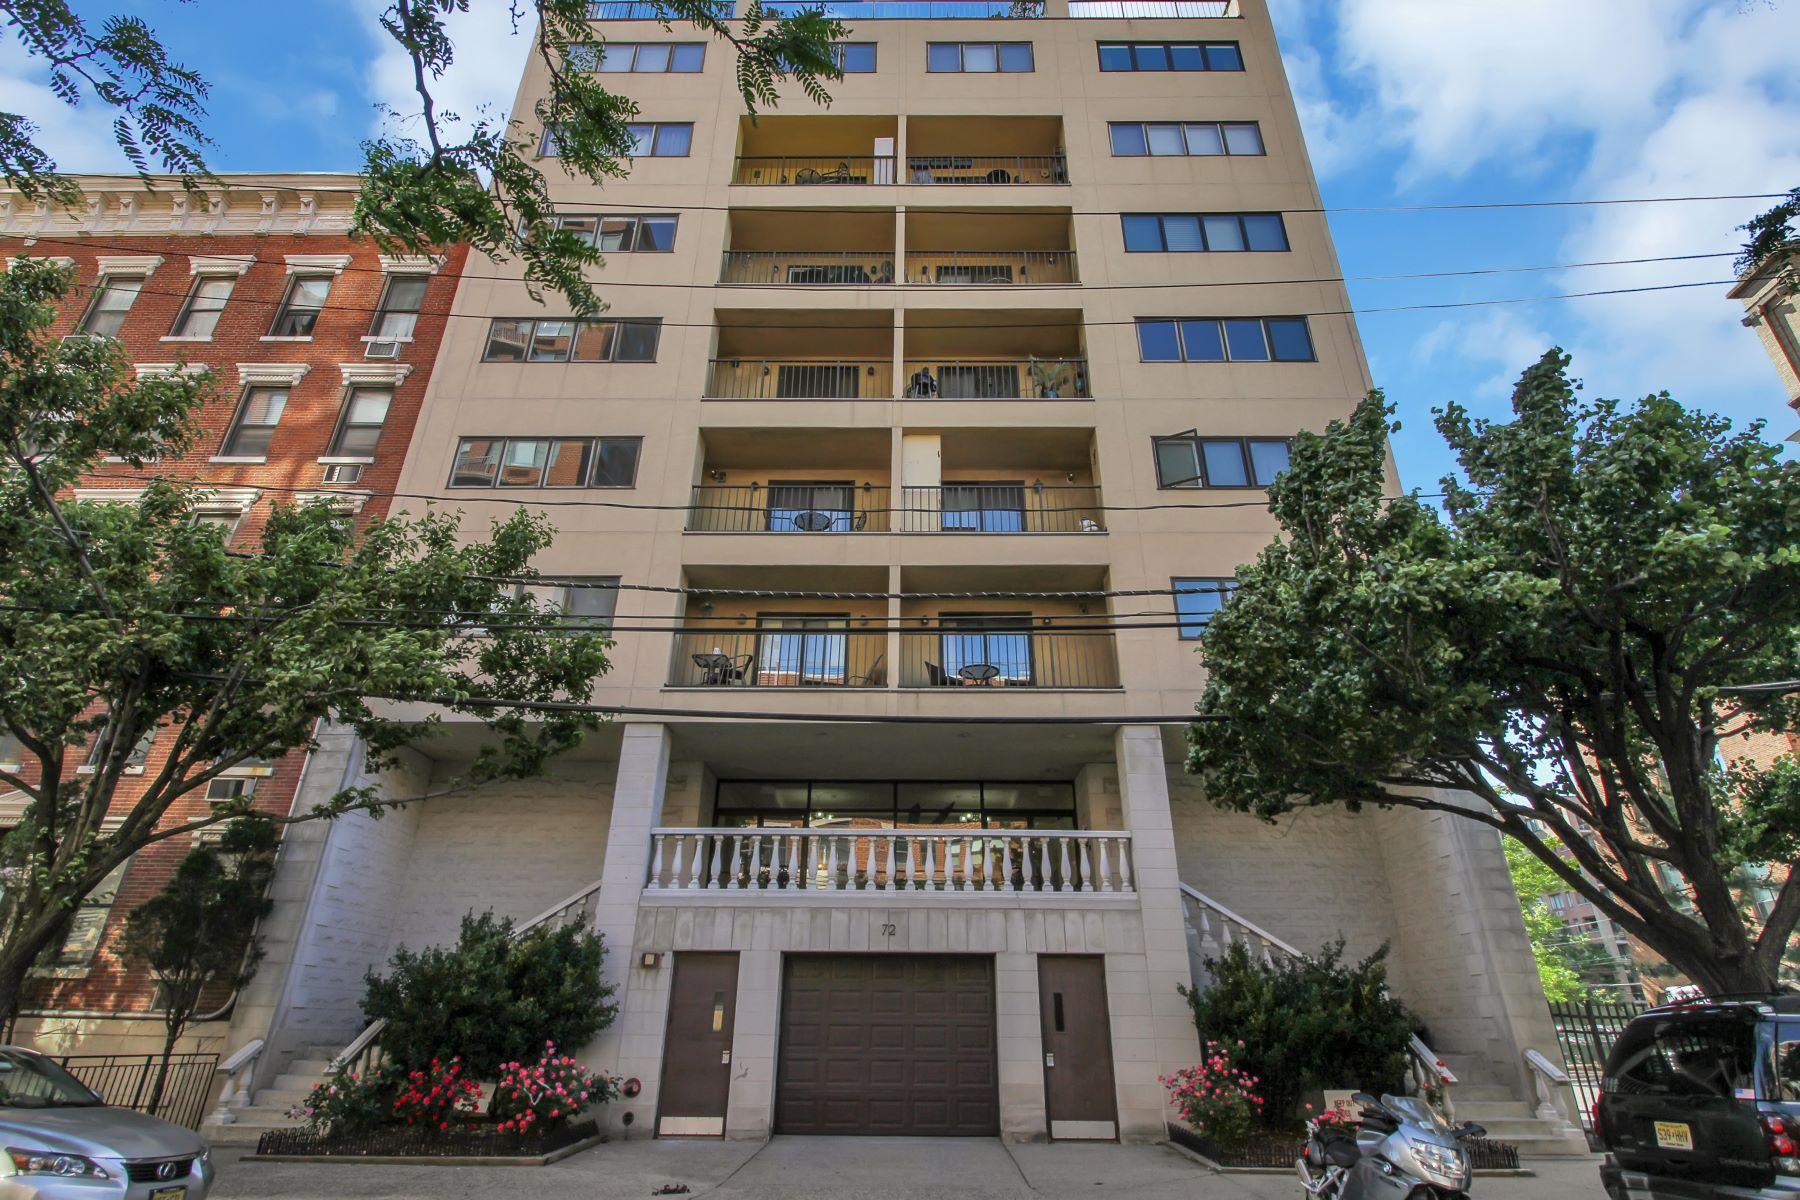 Condomínio para Venda às Downtown Park Ave Two Bedroom Home! 72 Park Ave #2B Hoboken, Nova Jersey 07030 Estados Unidos